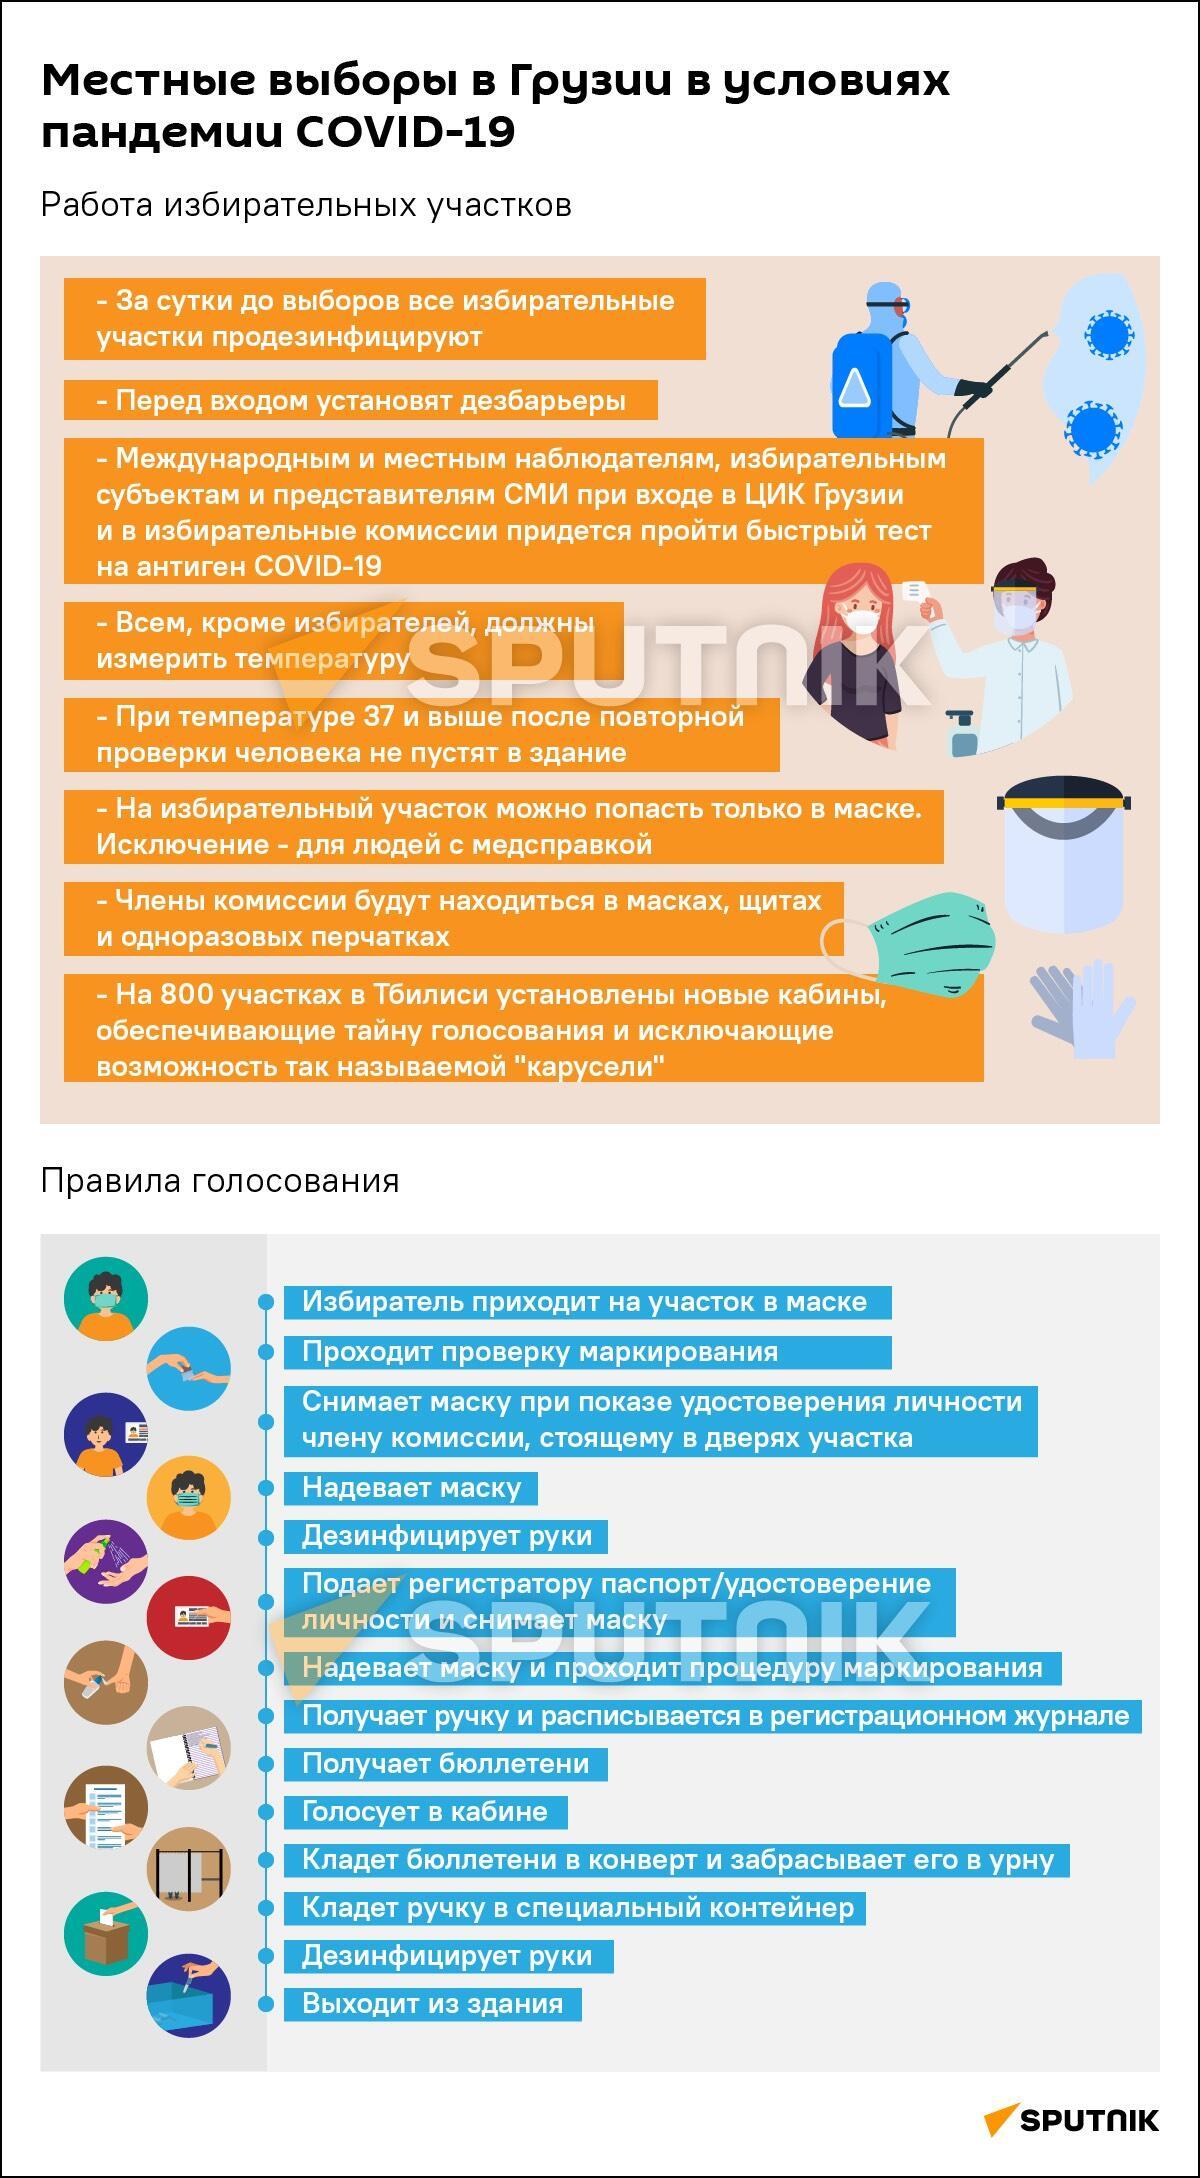 Выборы и пандемия: как пройдет голосование в Грузии 2021 инфографика - Sputnik Грузия